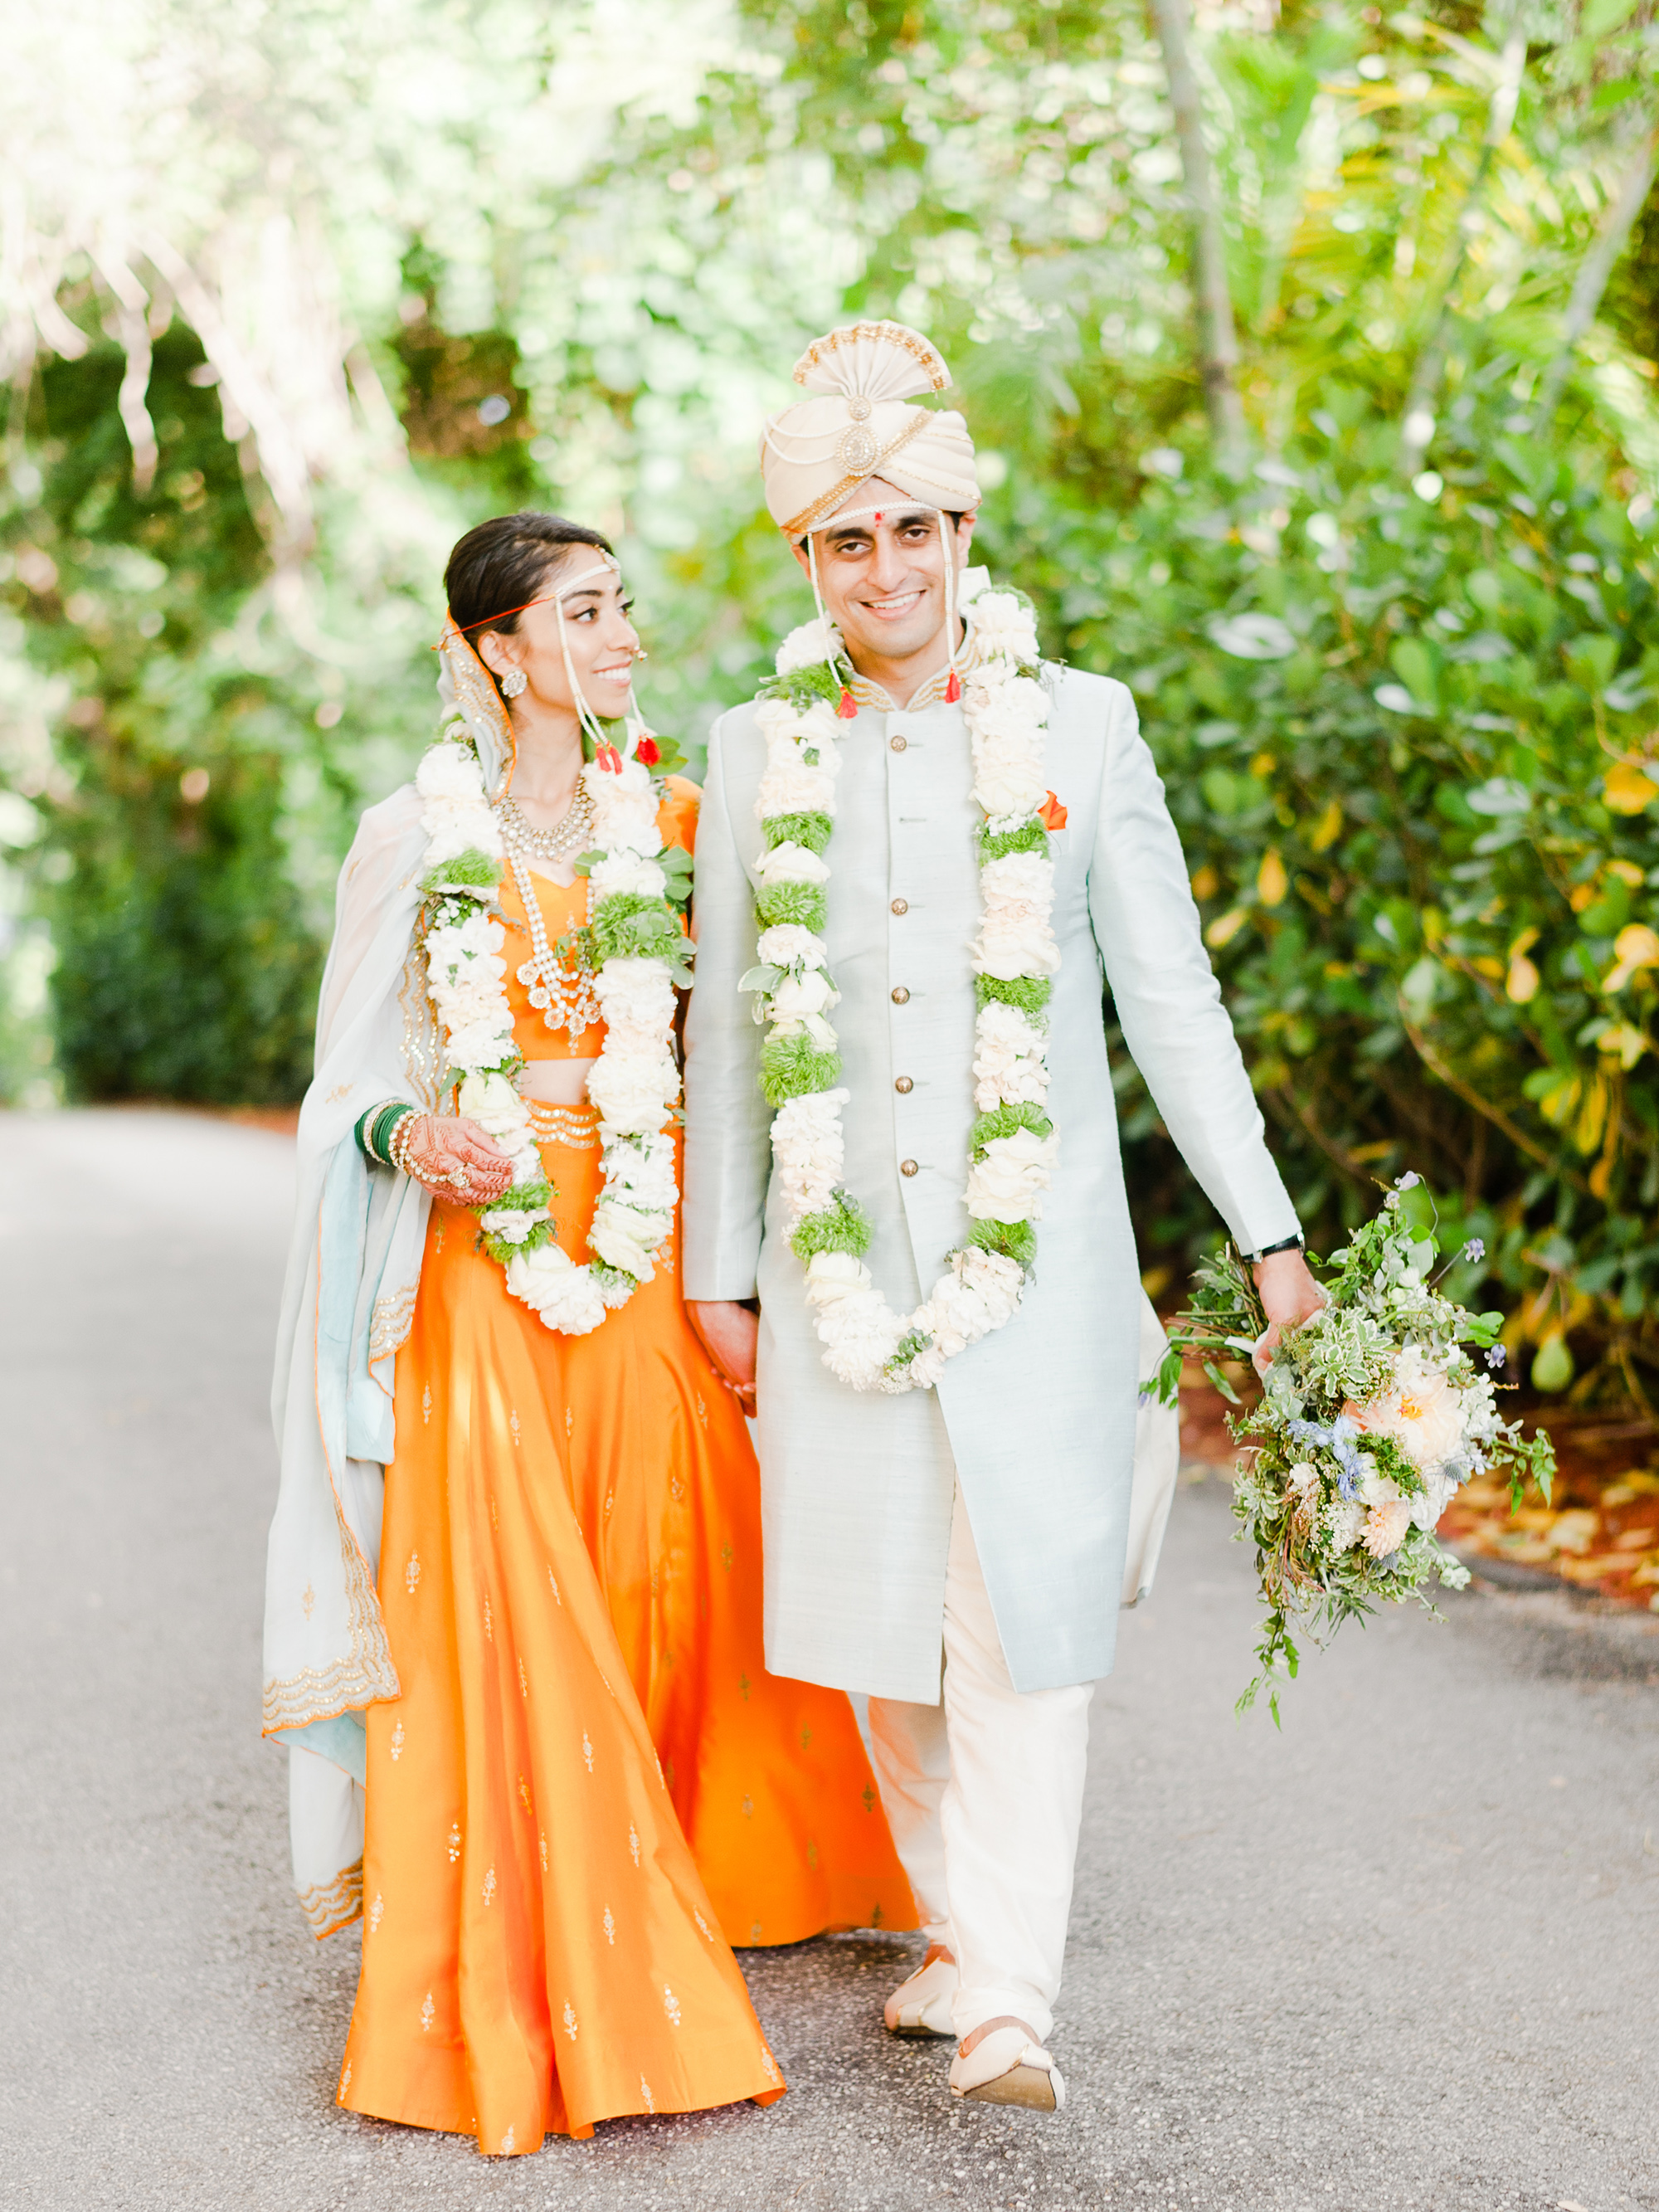 anuja nikhil wedding ceremony couple walking bride orange dress